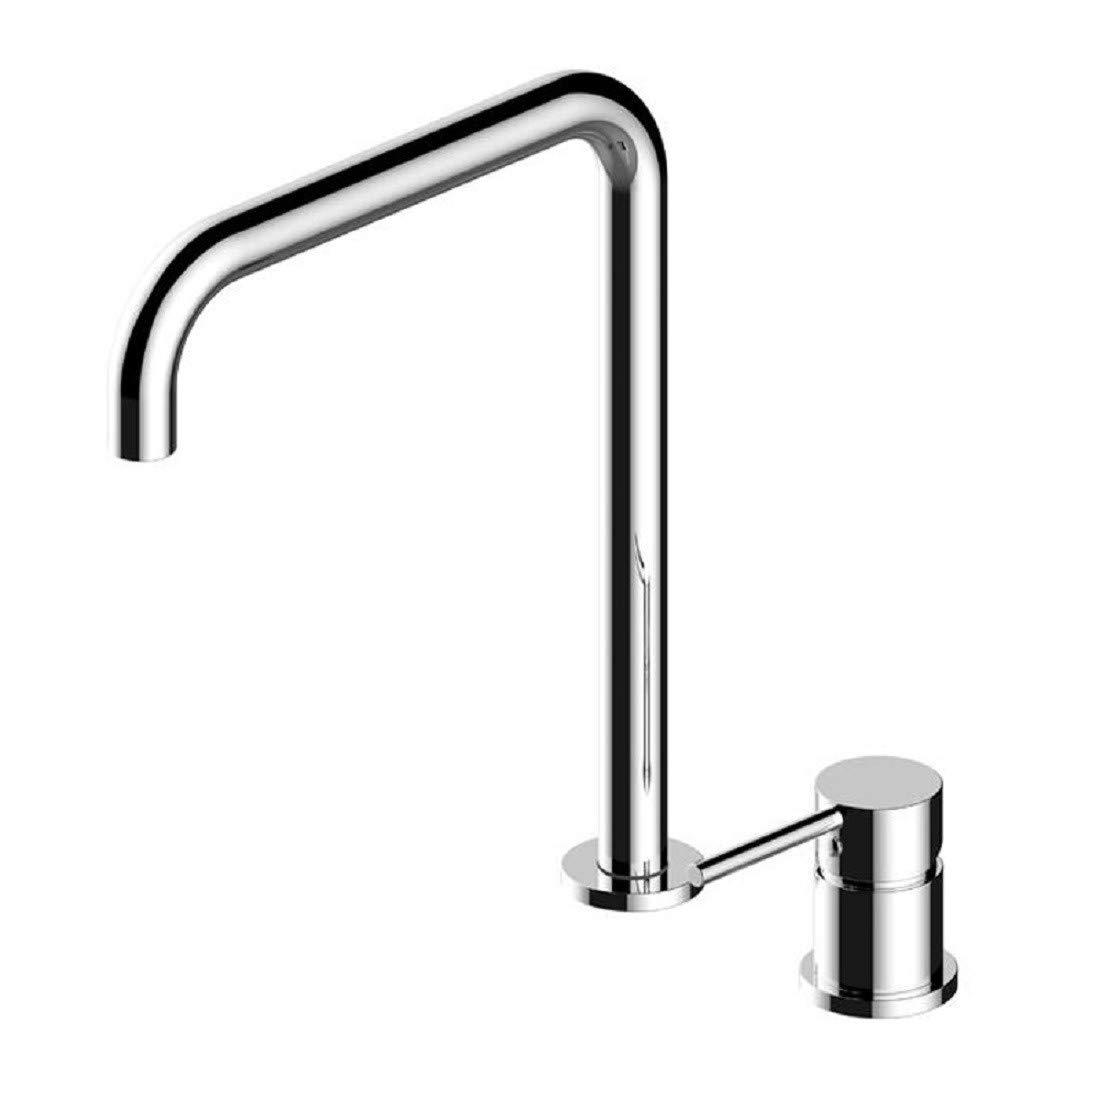 Wasserhahn Küche Küchenarmatur Mit Zwei Löcher Getrennt Zu ErHöhen, Badewanne - Becken In Rotary - Küche Spültischarmatur